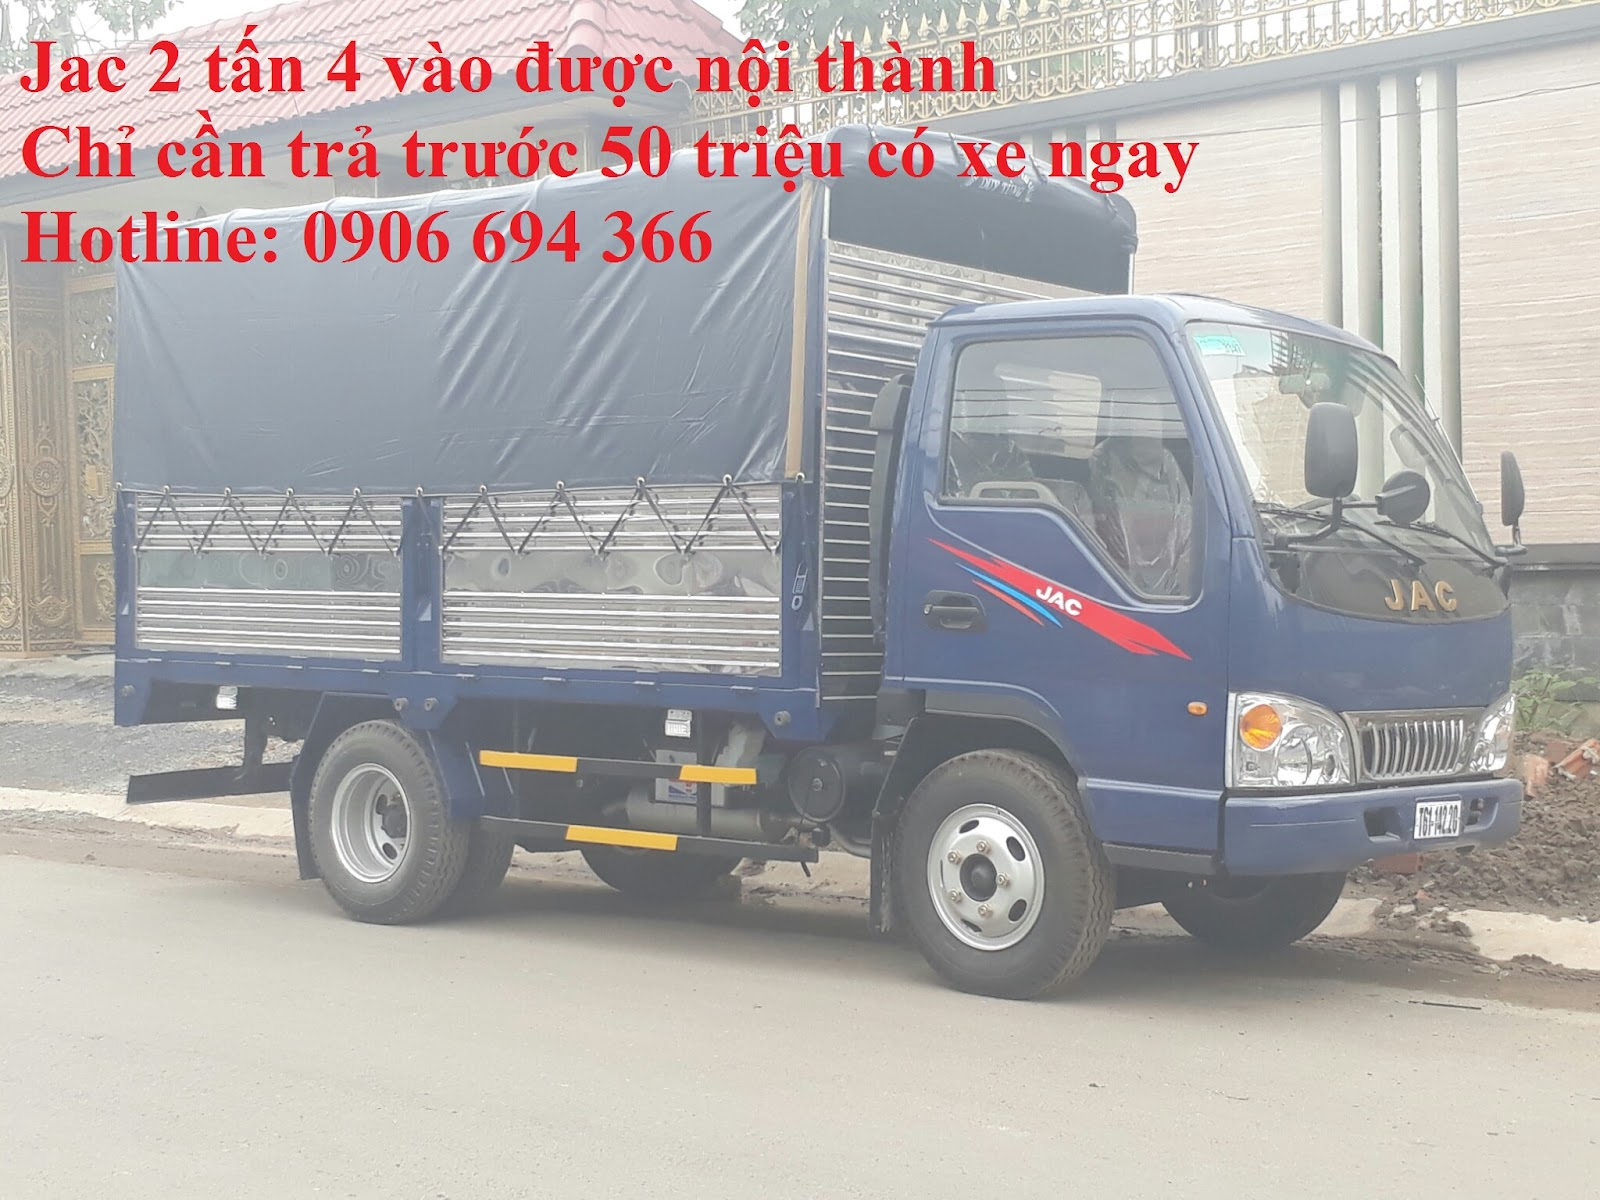 Bán xe tải Jac 2.4 tấn thùng bạt giá rẻ tại sài gòn 0In3AqCQTwtm01G281or0bZ10rf8BszucVhv4HPEUS3m6YbQZUuR8fZMjN-lcTWUqu2YxrfNtvb8MQDMIu5kFMpnOY3tz3dKEcJ90OjDc0elcaWxsHFULTJb41Kn7K_4l6RN4uOg